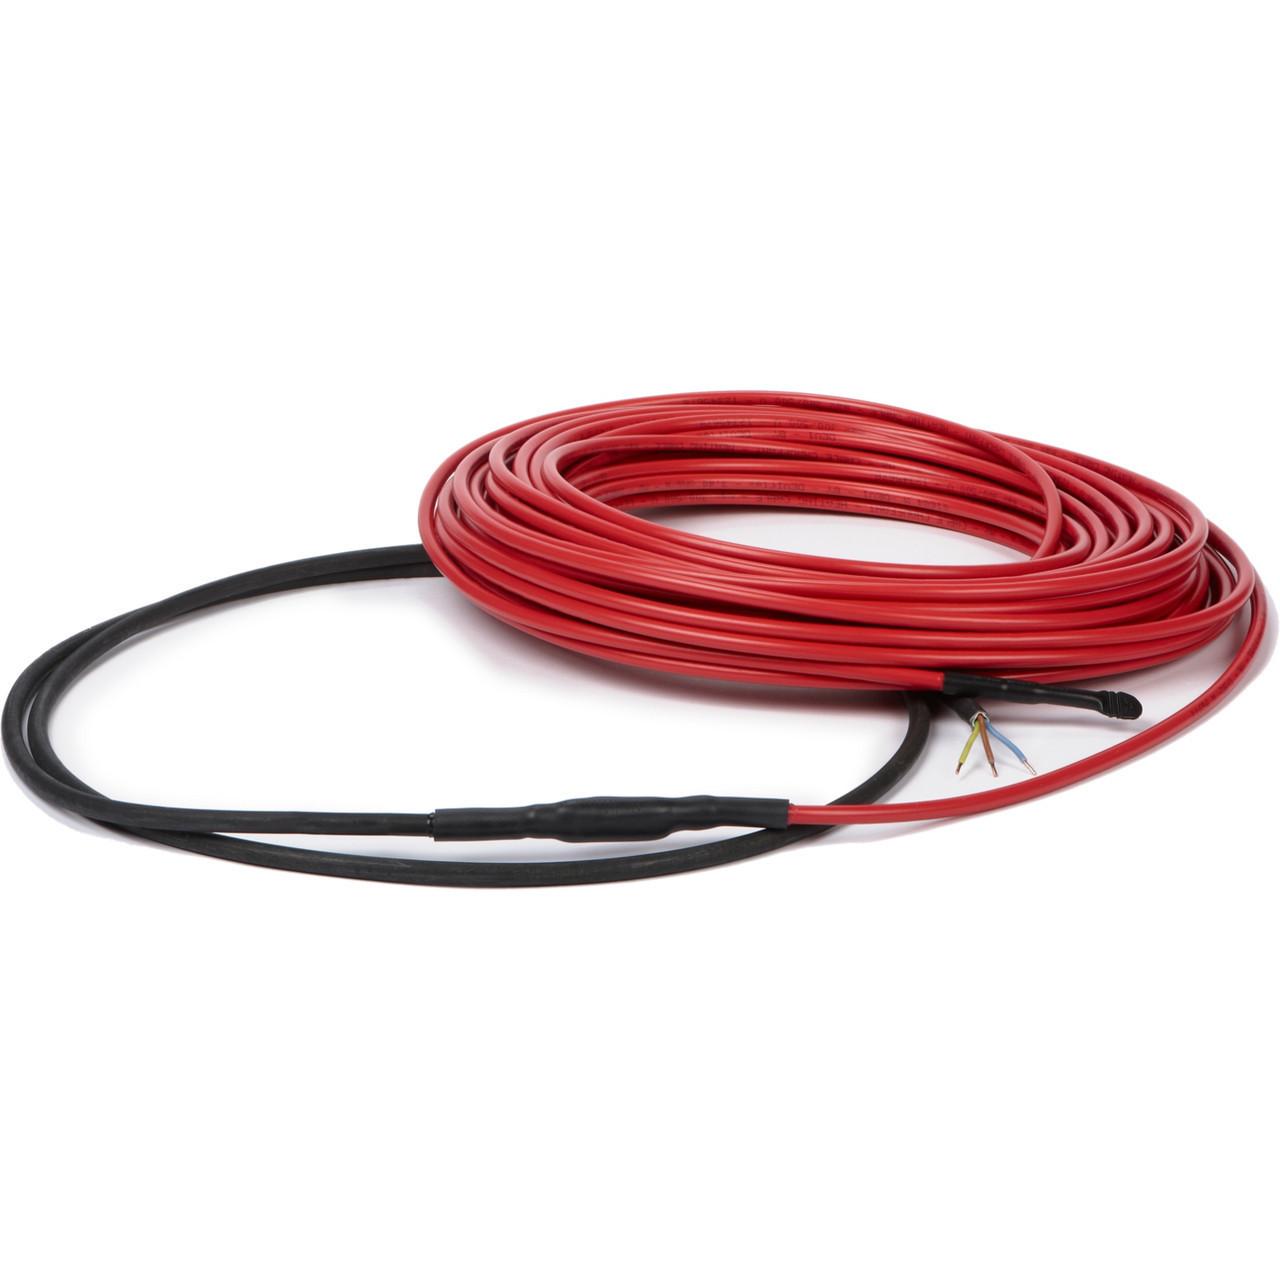 Теплый пол DeviComfort 10T двужильный, тонкий кабель с сплошным экраном, 700W, 4.3 м.кв.(87101112)